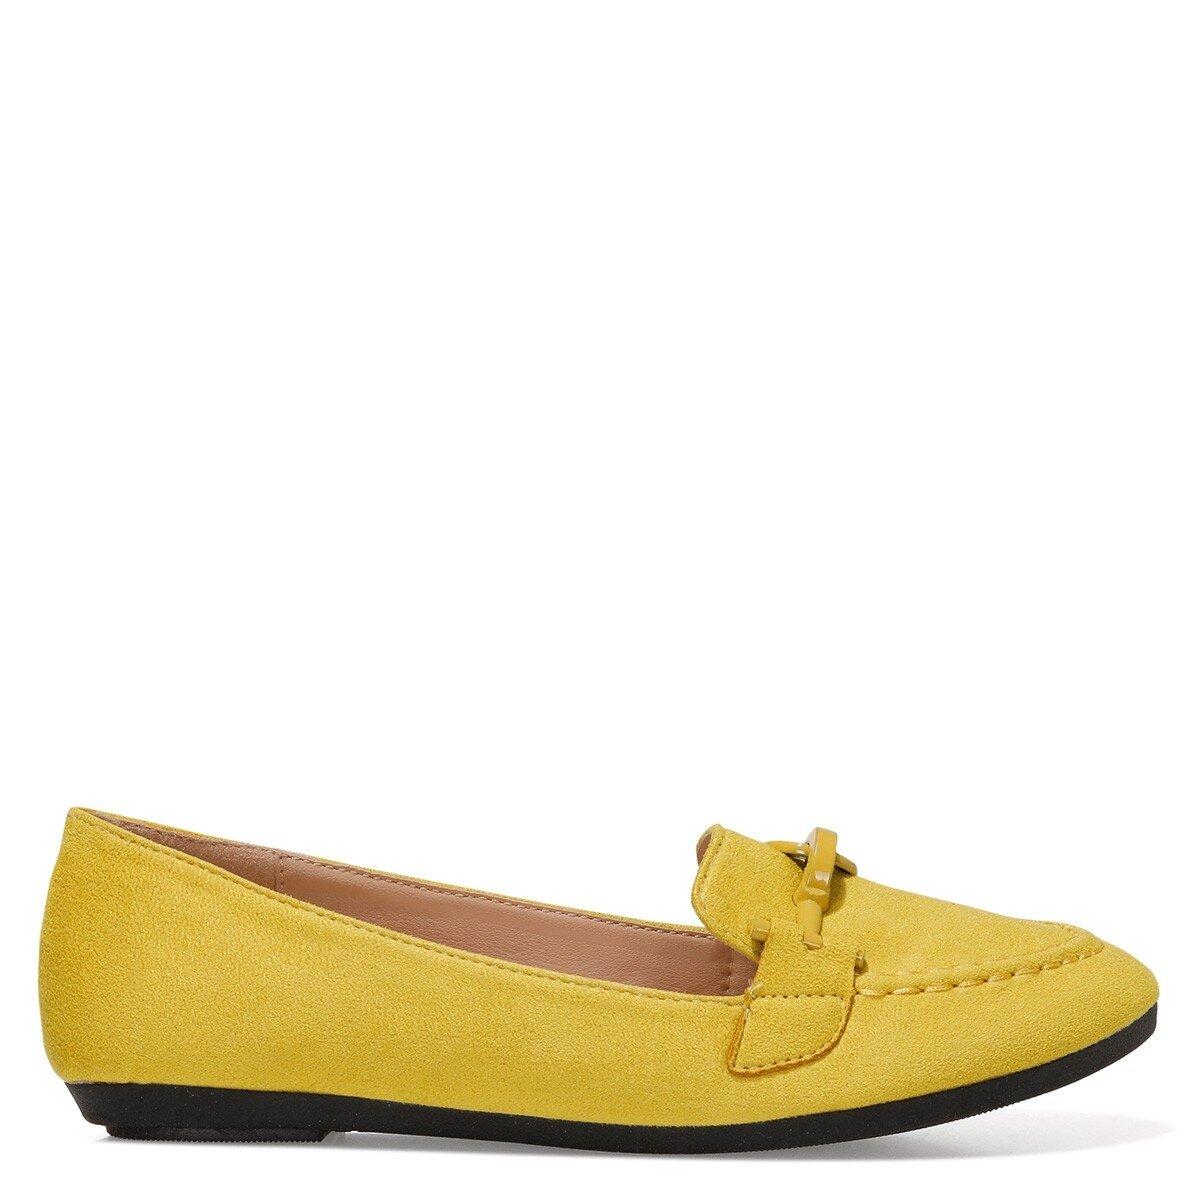 MAED 1FX Sarı Kadın Loafer Ayakkabı